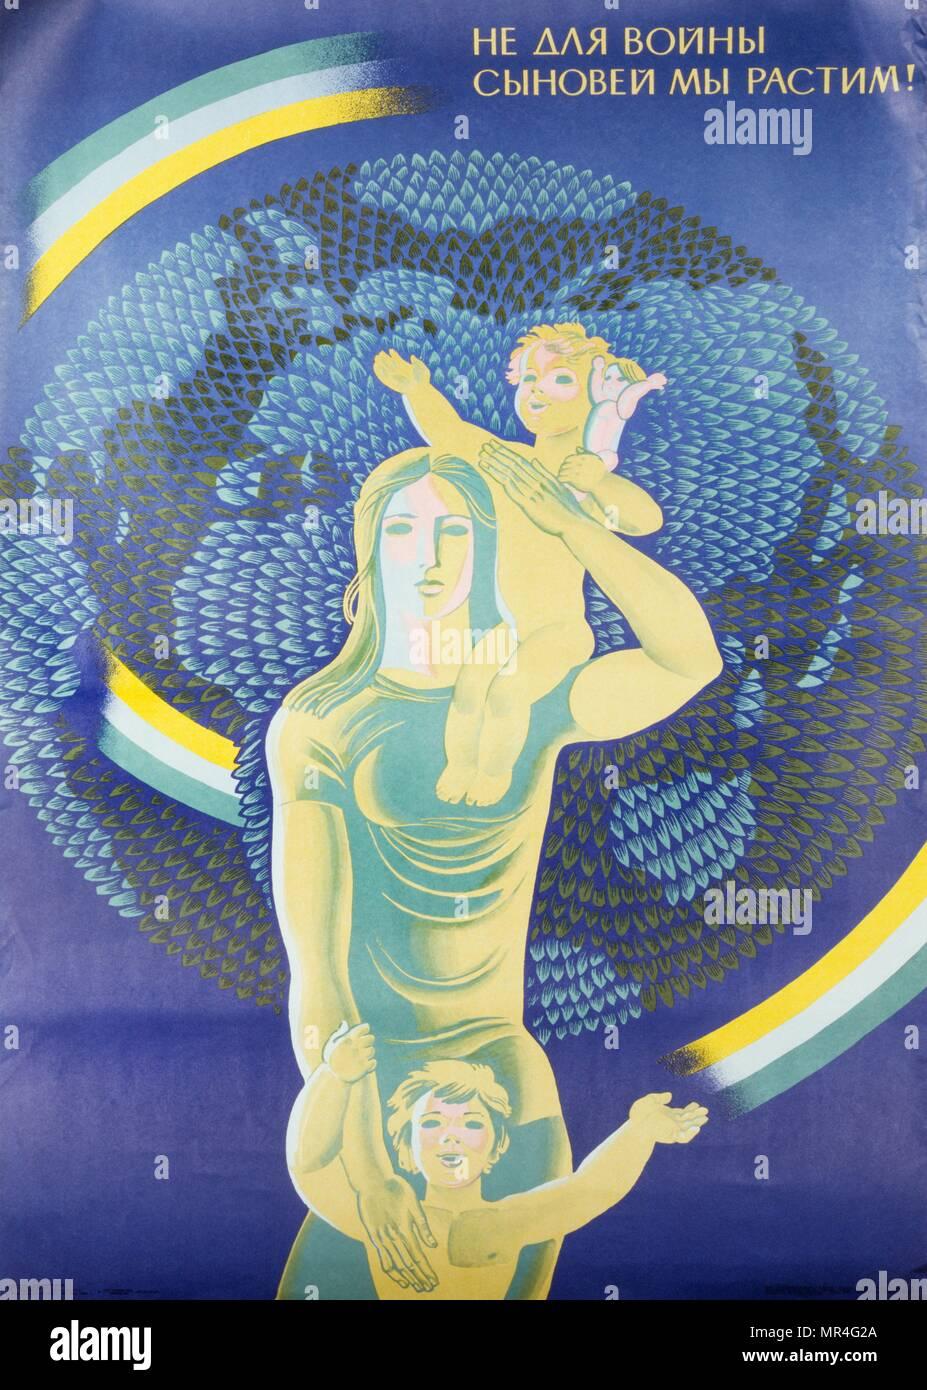 No estamos criando a nuestros hijos para la guerra! Federación de la Unión Soviética, la guerra fría, la propaganda poster por L.M. Nepomyashchy 1965 Imagen De Stock